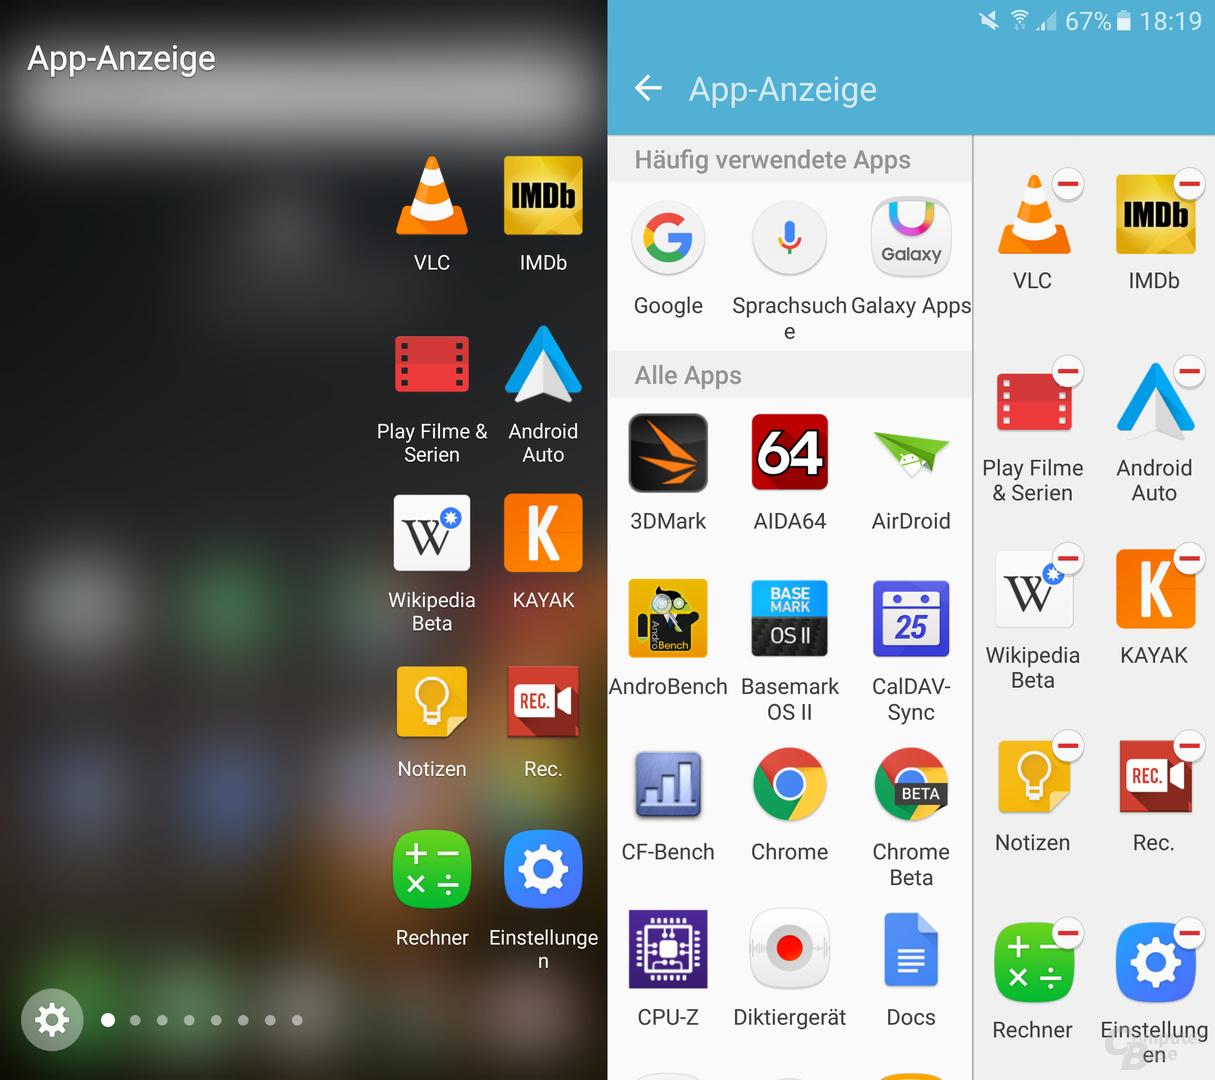 App-Anzeige